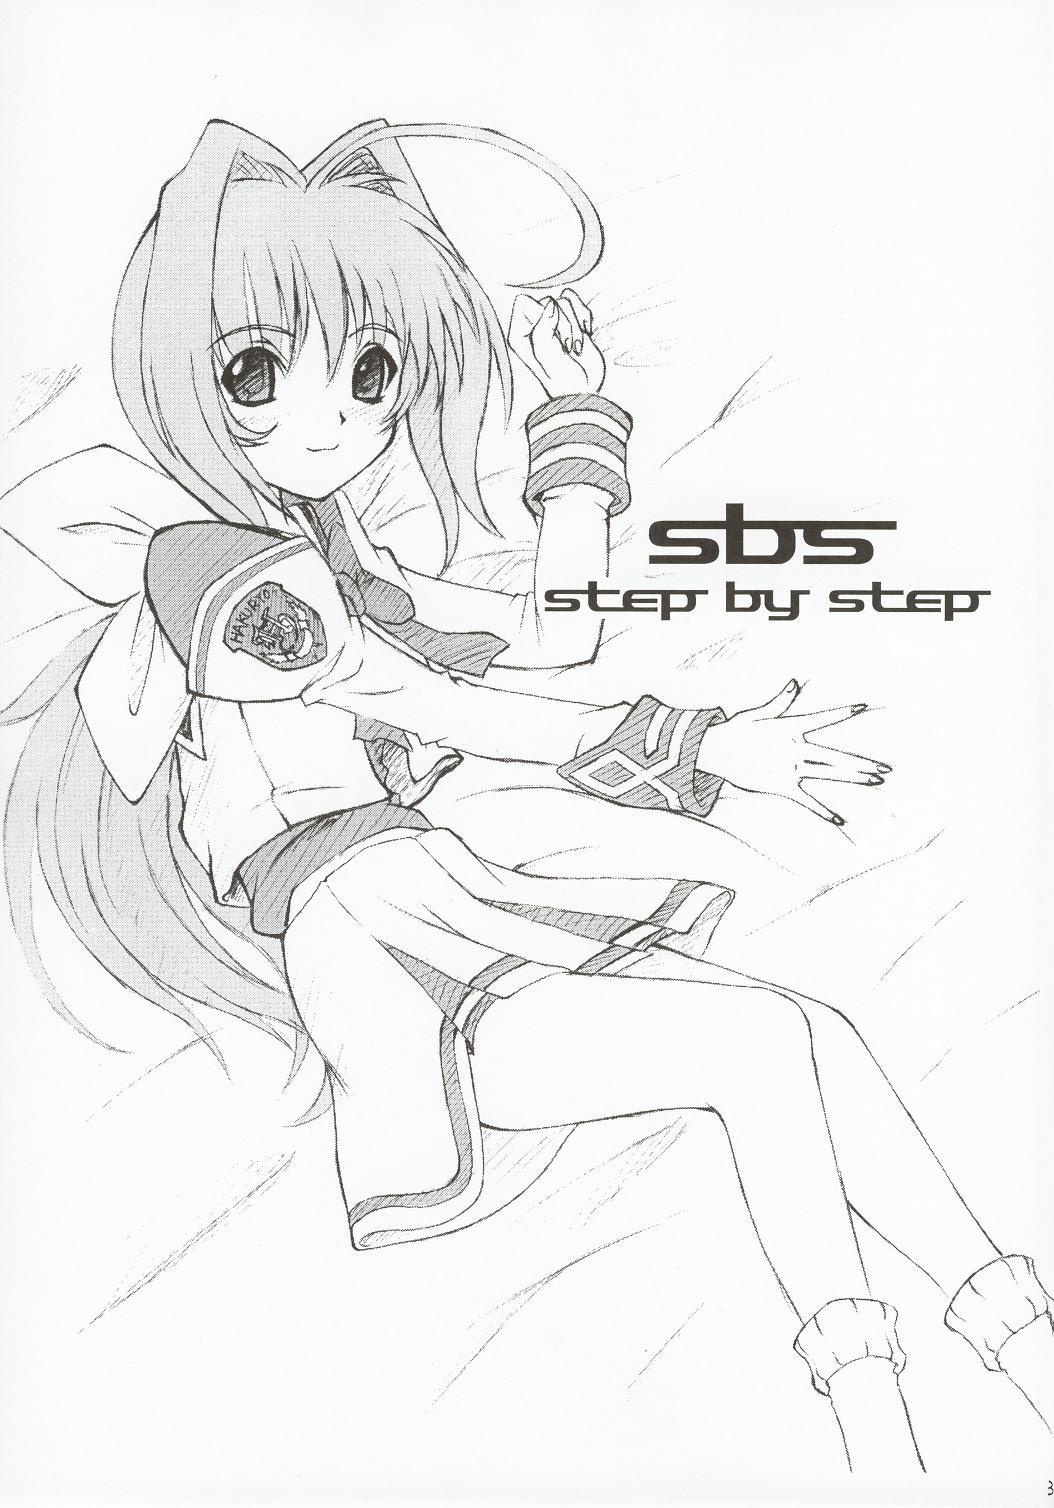 SBS step by step 1